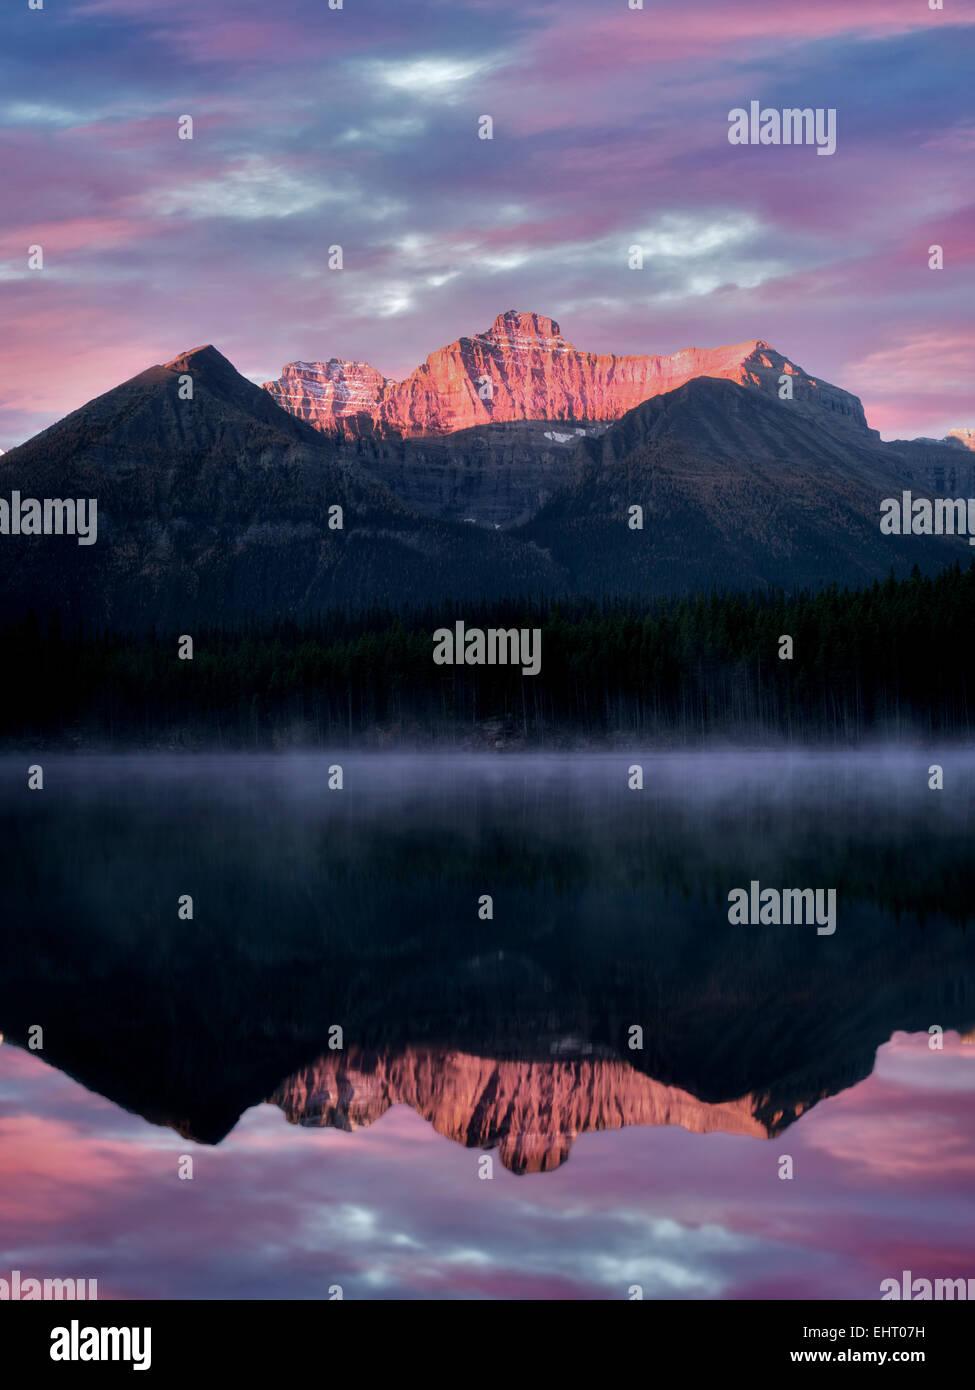 Herbert Lago con Mt. La reflexión y el templo del amanecer. Parque Nacional de Banff, Alberta, Canadá Imagen De Stock